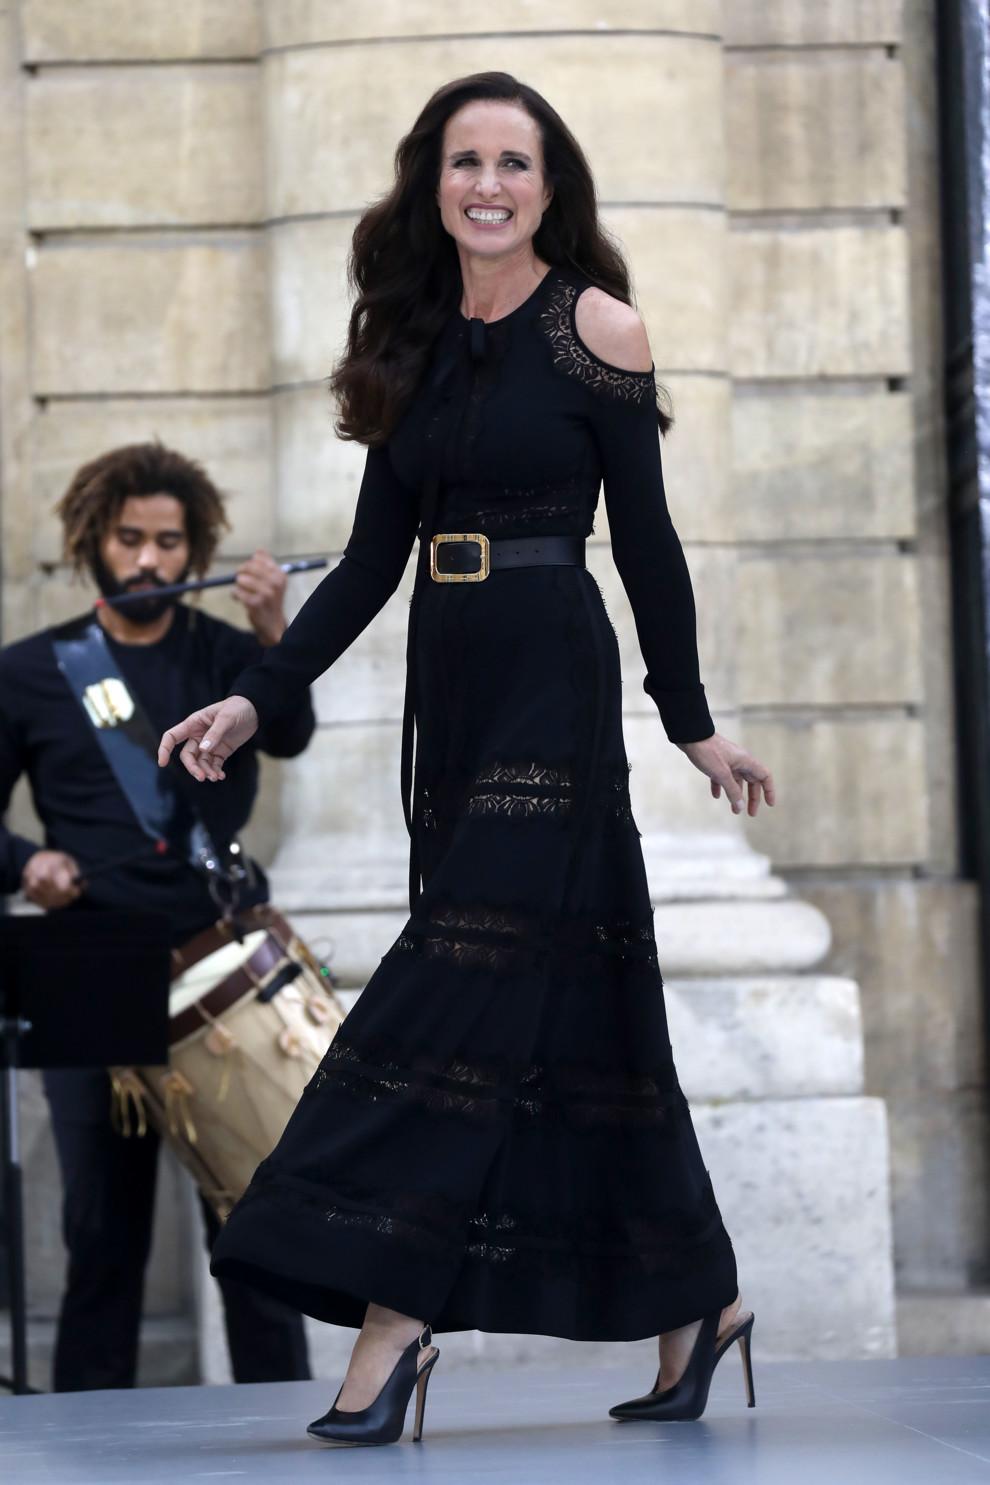 Дизайнер Катя Сильченко выступила моделью на показе L'Oreal в Париже (фото 6)